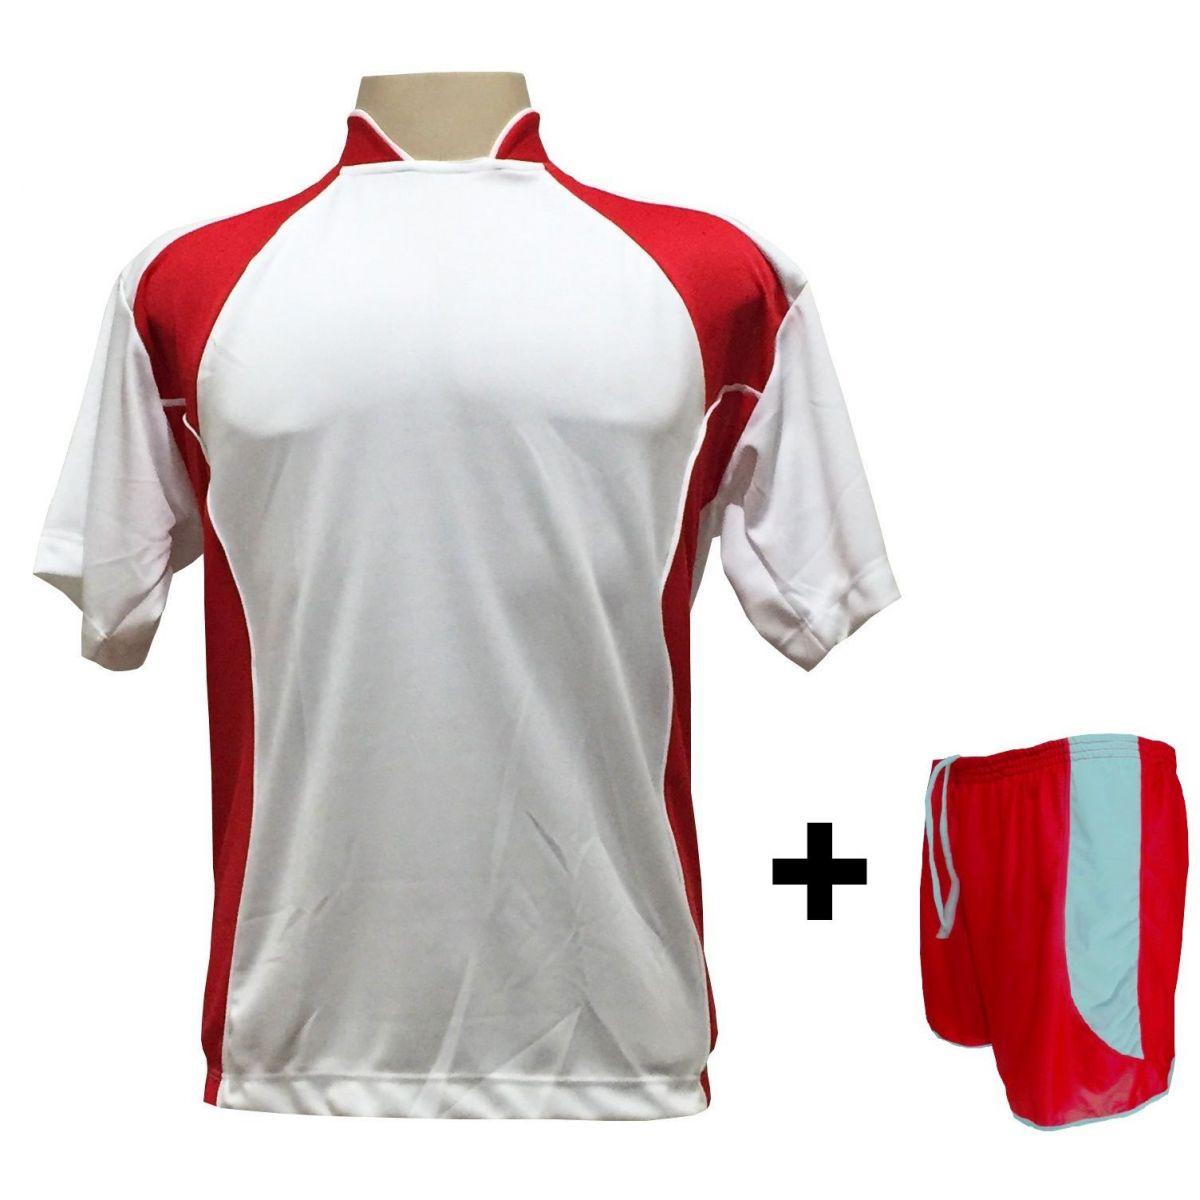 Uniforme Esportivo com 14 Camisas modelo Suécia Branco/Vermelho + 14 Calções modelo Copa Vermelho/Branco